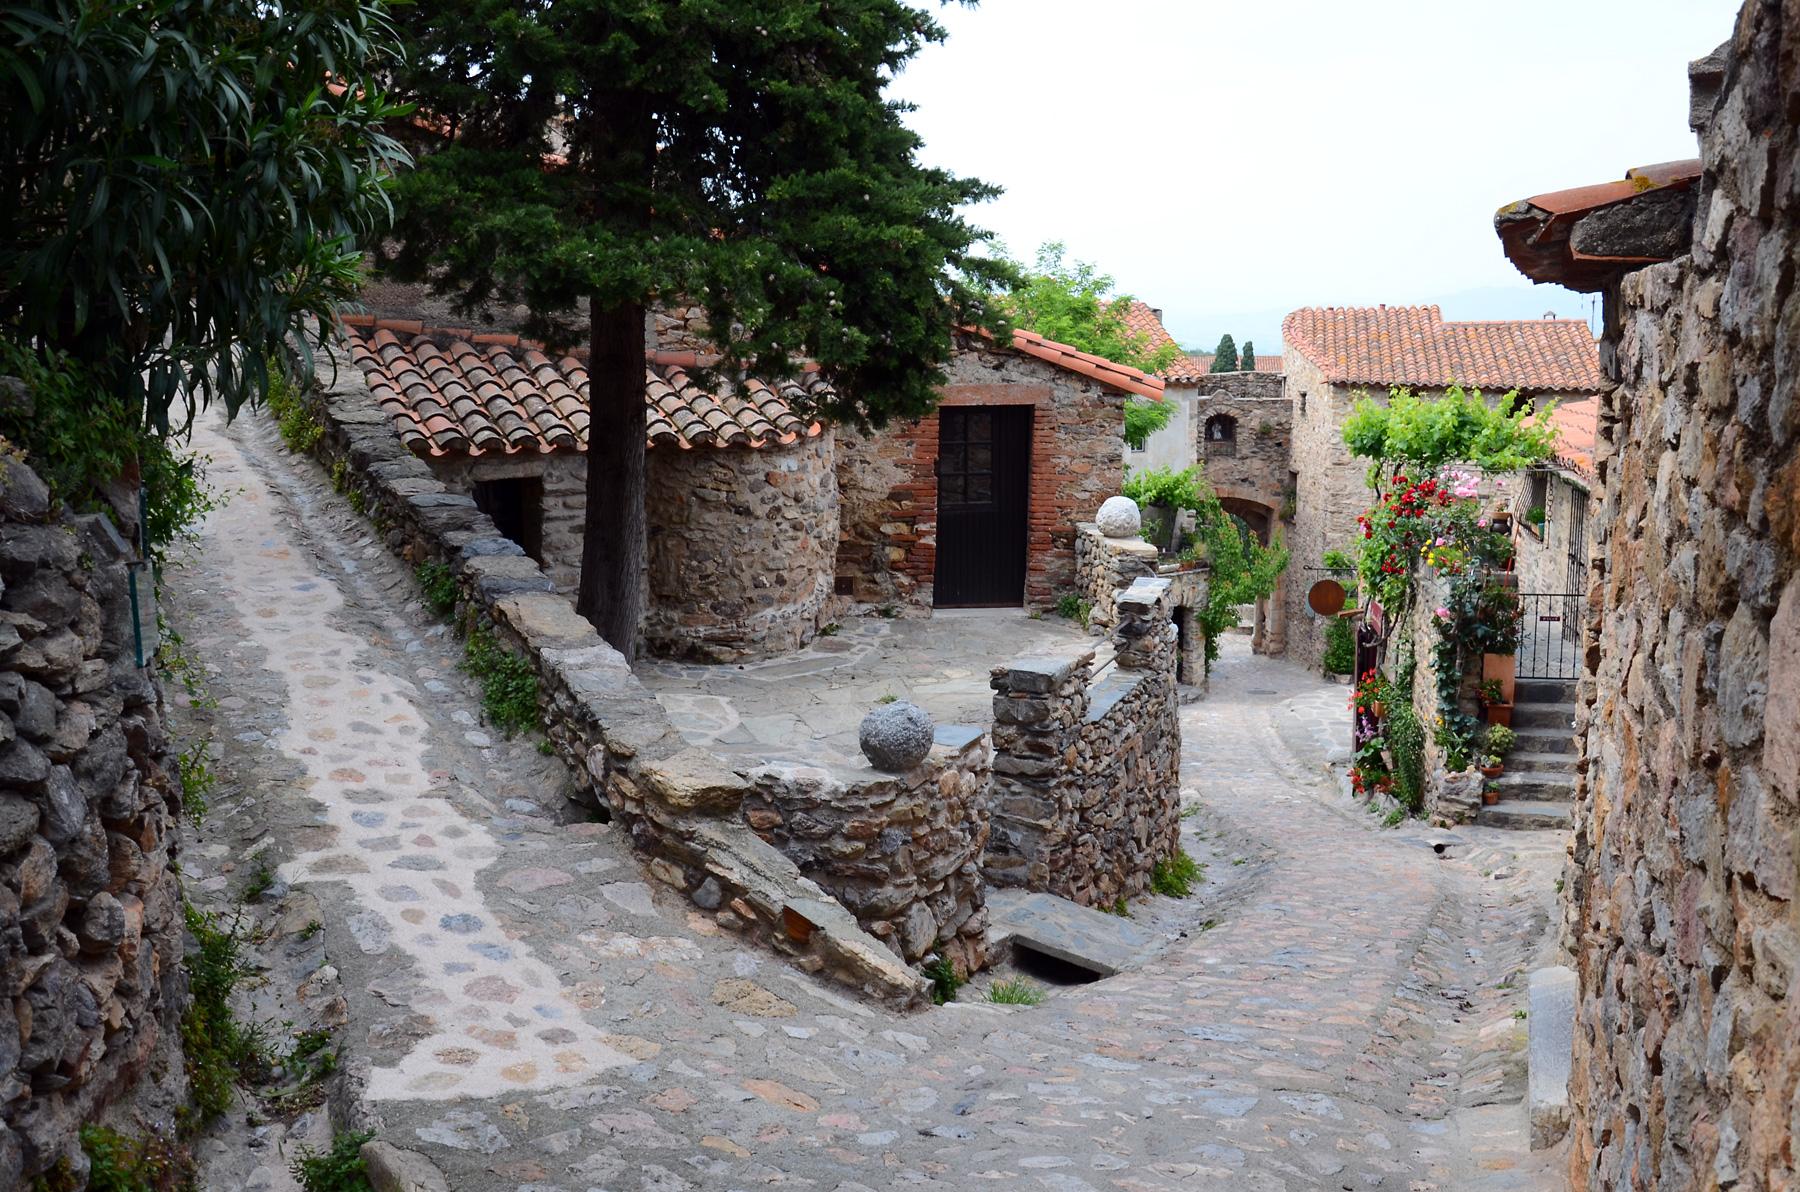 896-castelnou-plus-beaux-villages-de-france-pyrenees-orientales.jpg